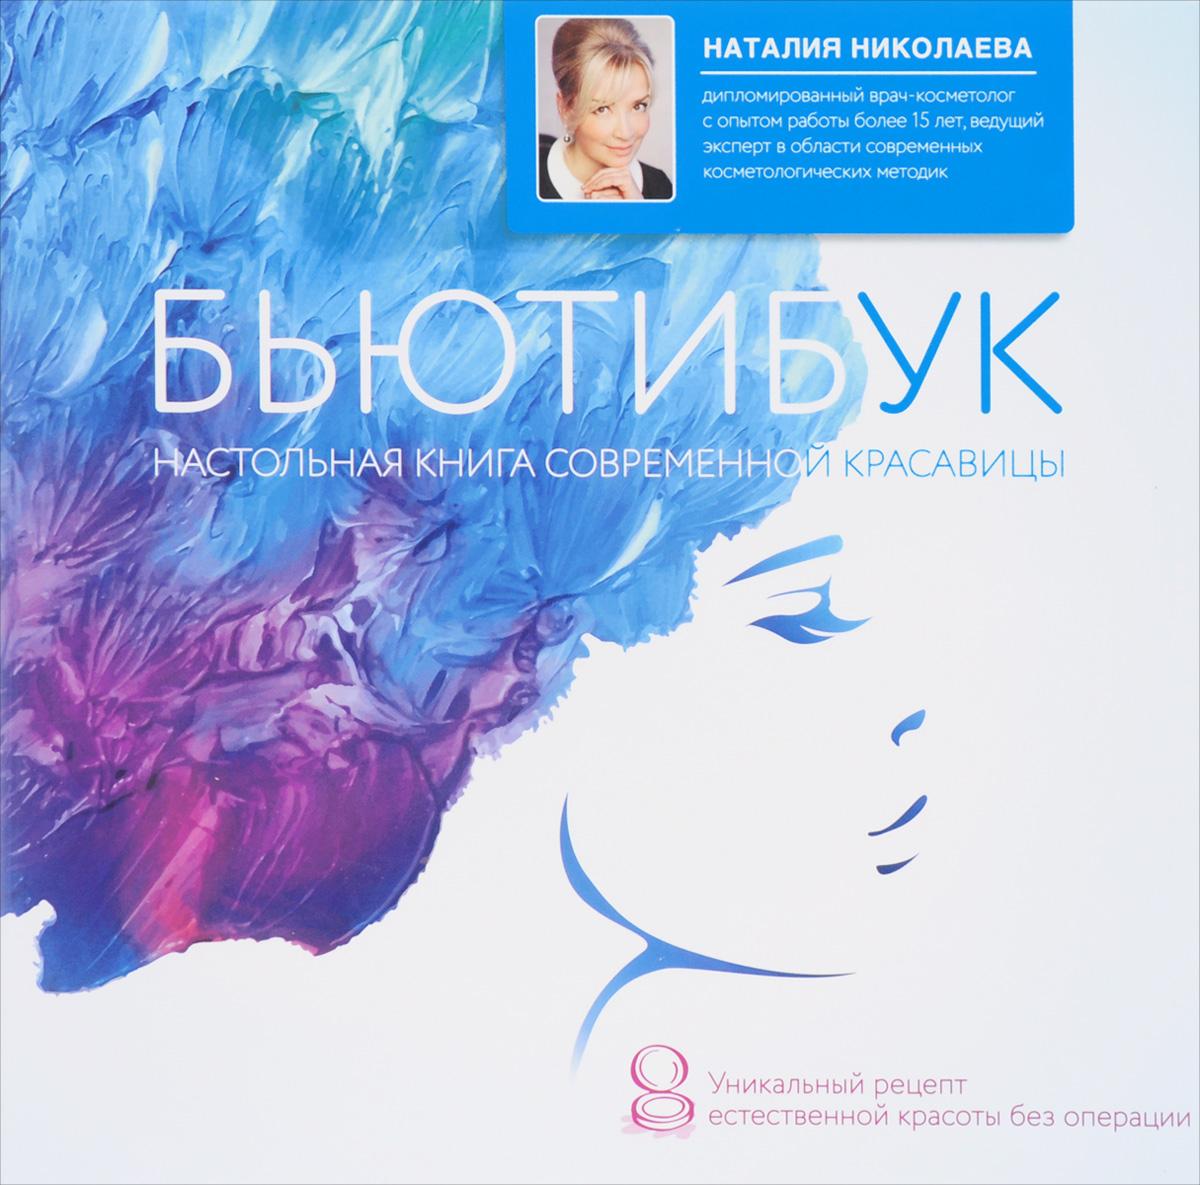 Н. Ю. Николаева. Косметология без операций. 10 маркеров молодости